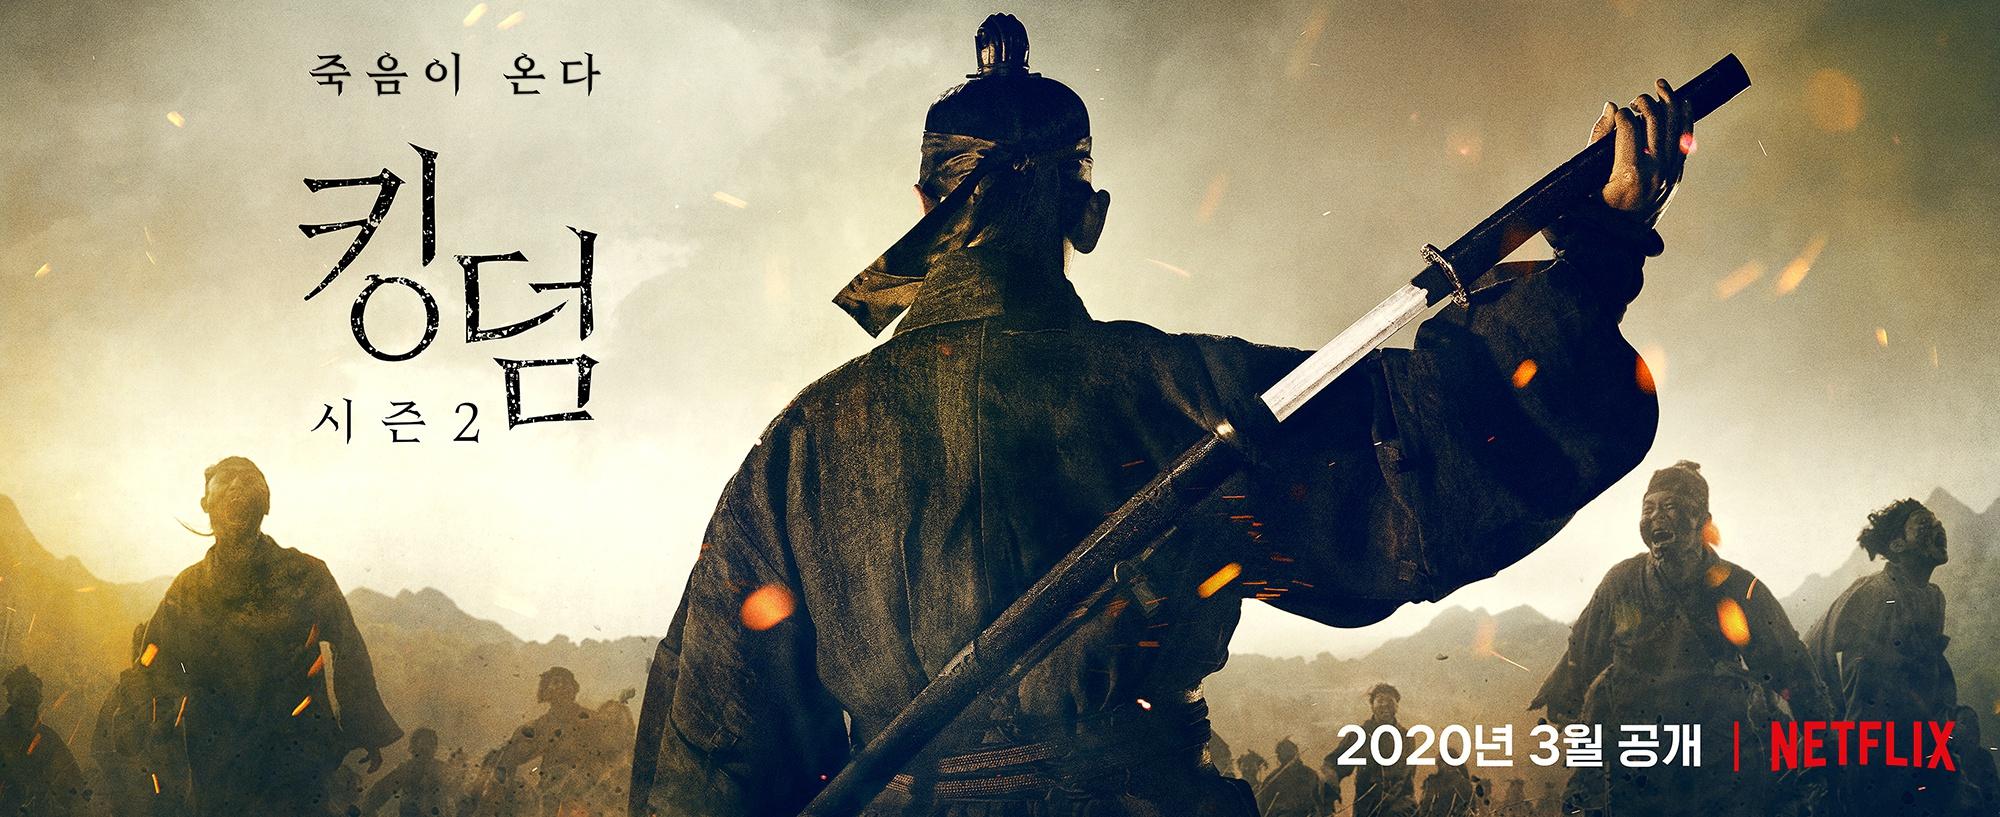 킹덤 시즌2 포스터 1.jpg